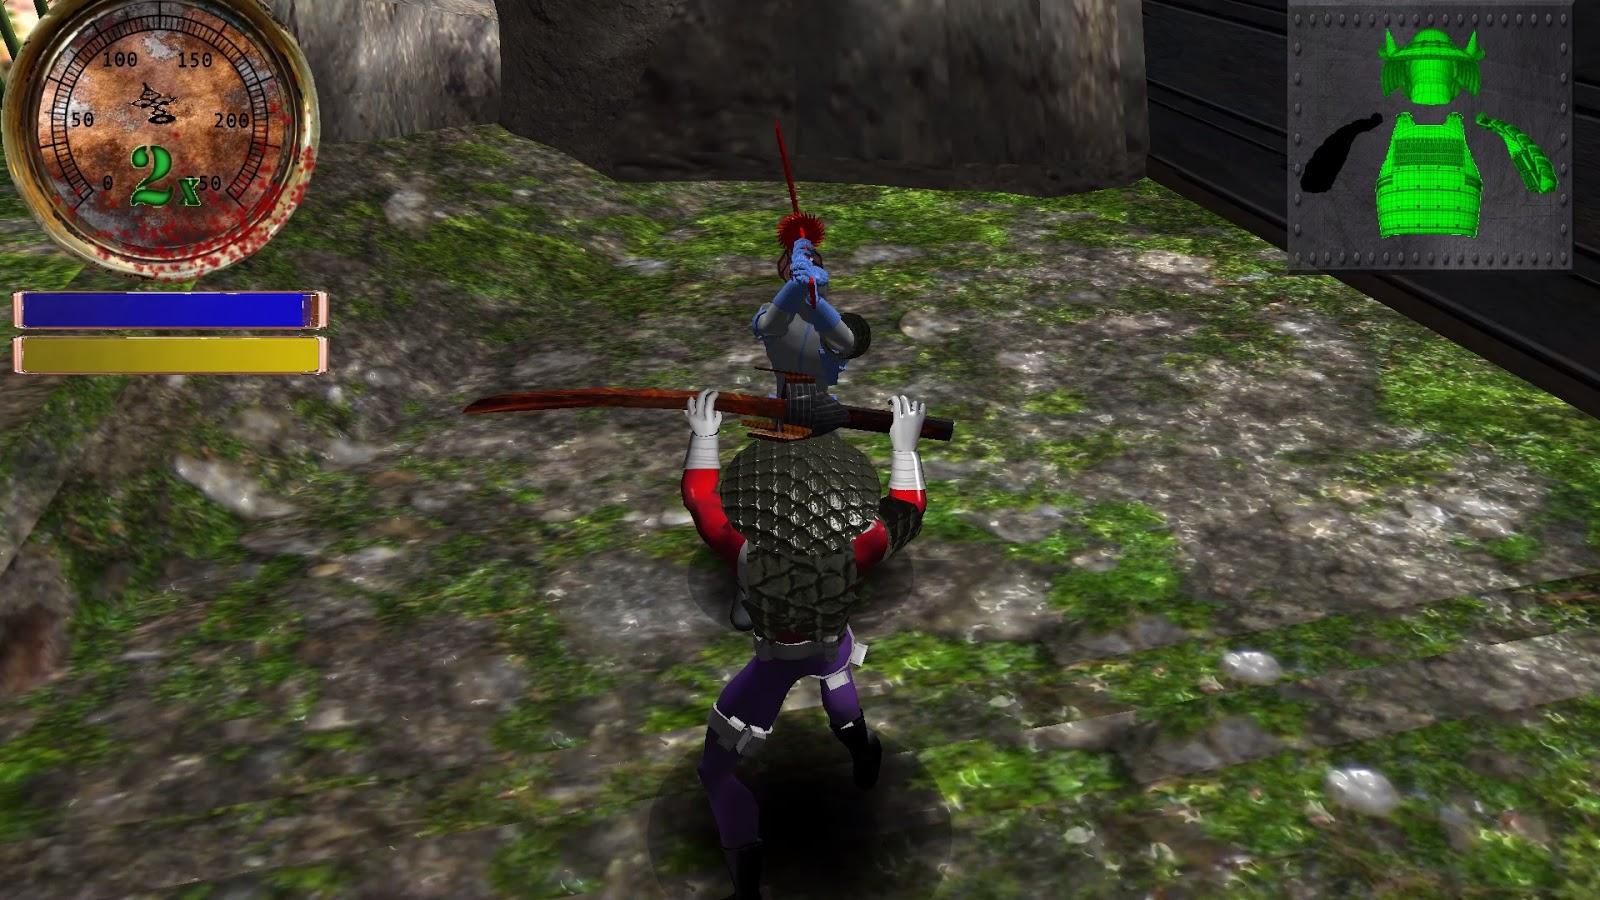 تحميل لعبة الساموراي